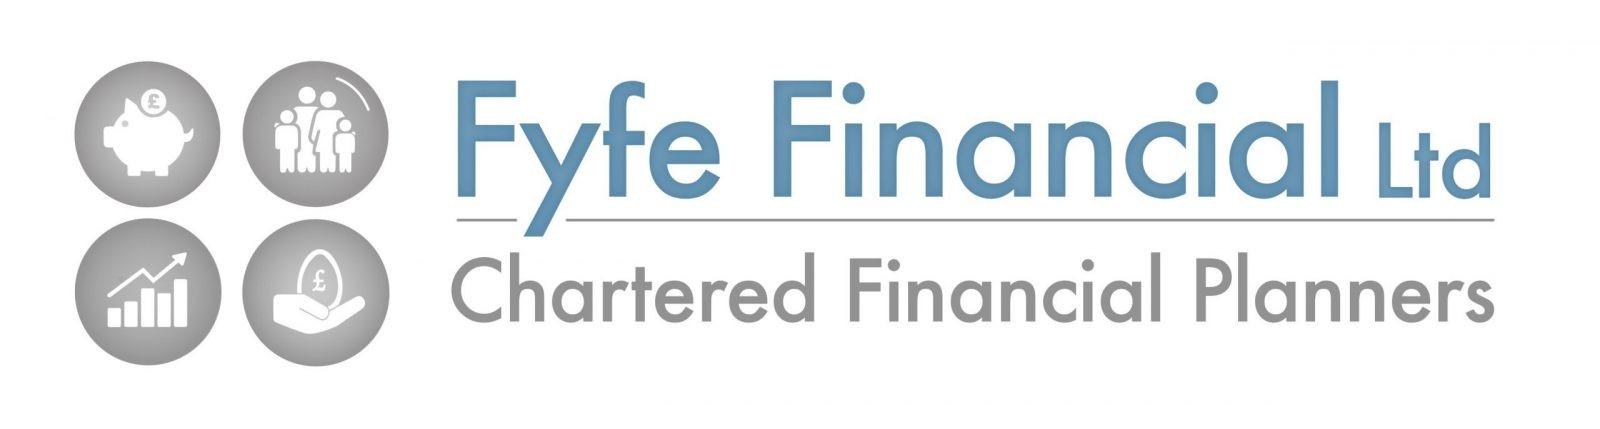 Fyfe Financial